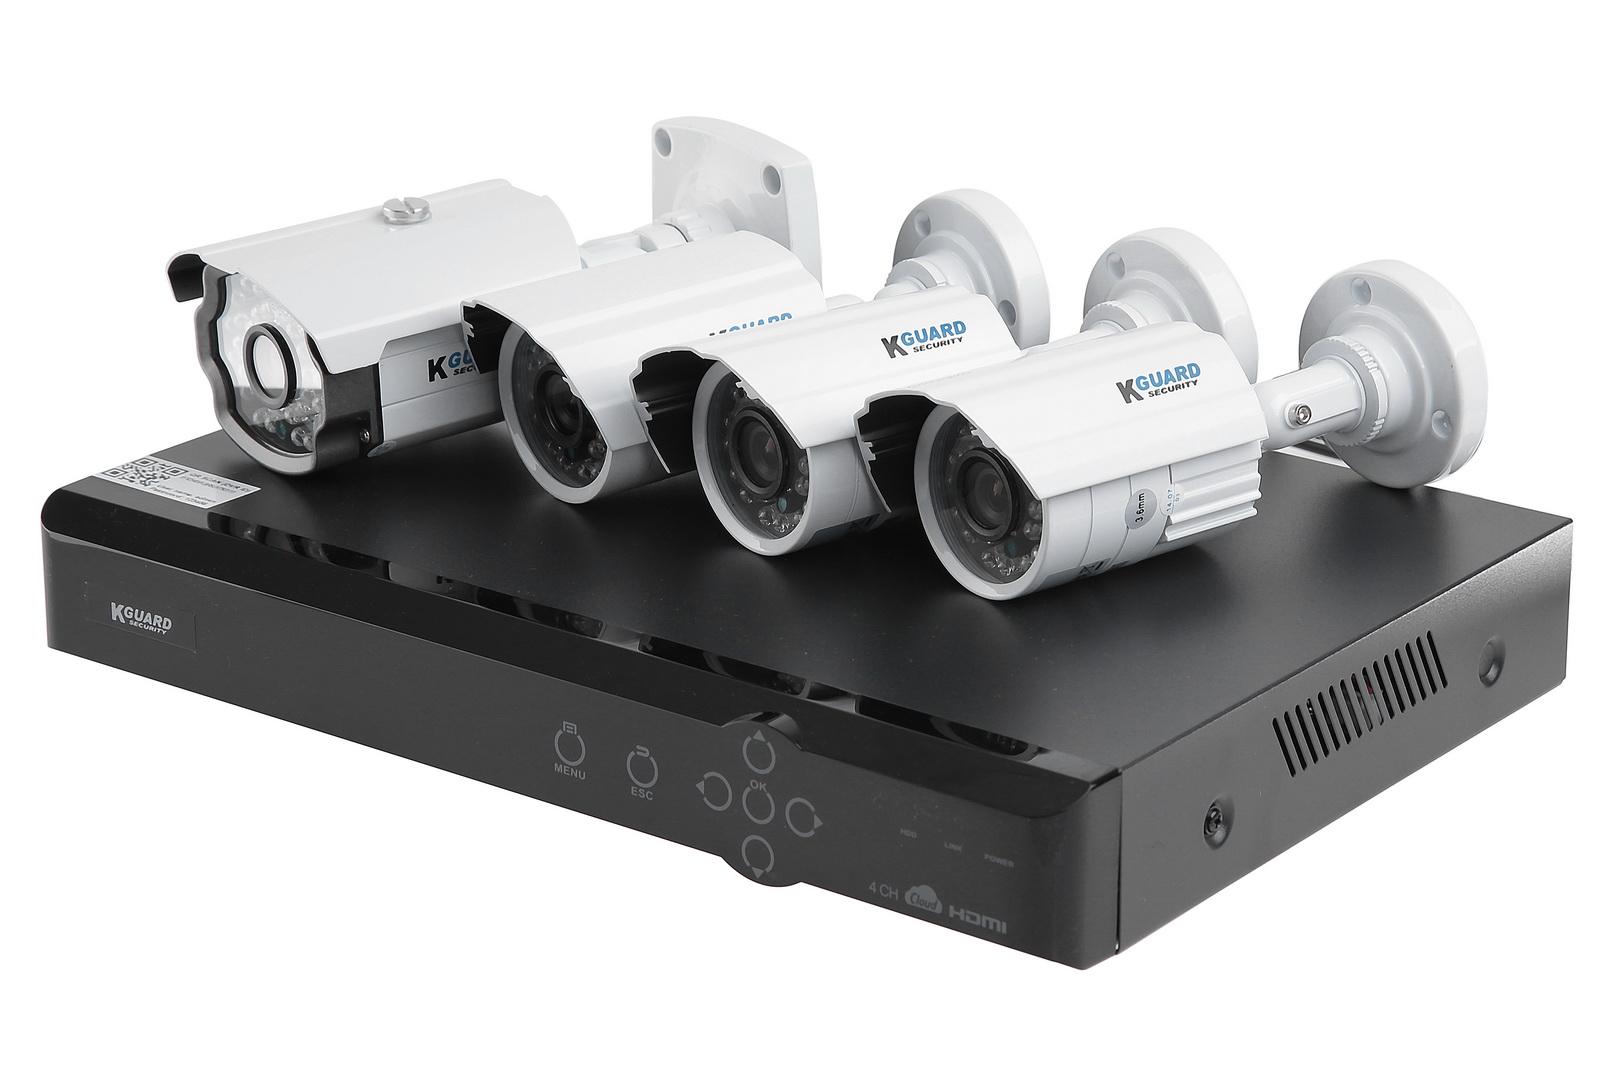 Комплект видеонаблюдения Kguard